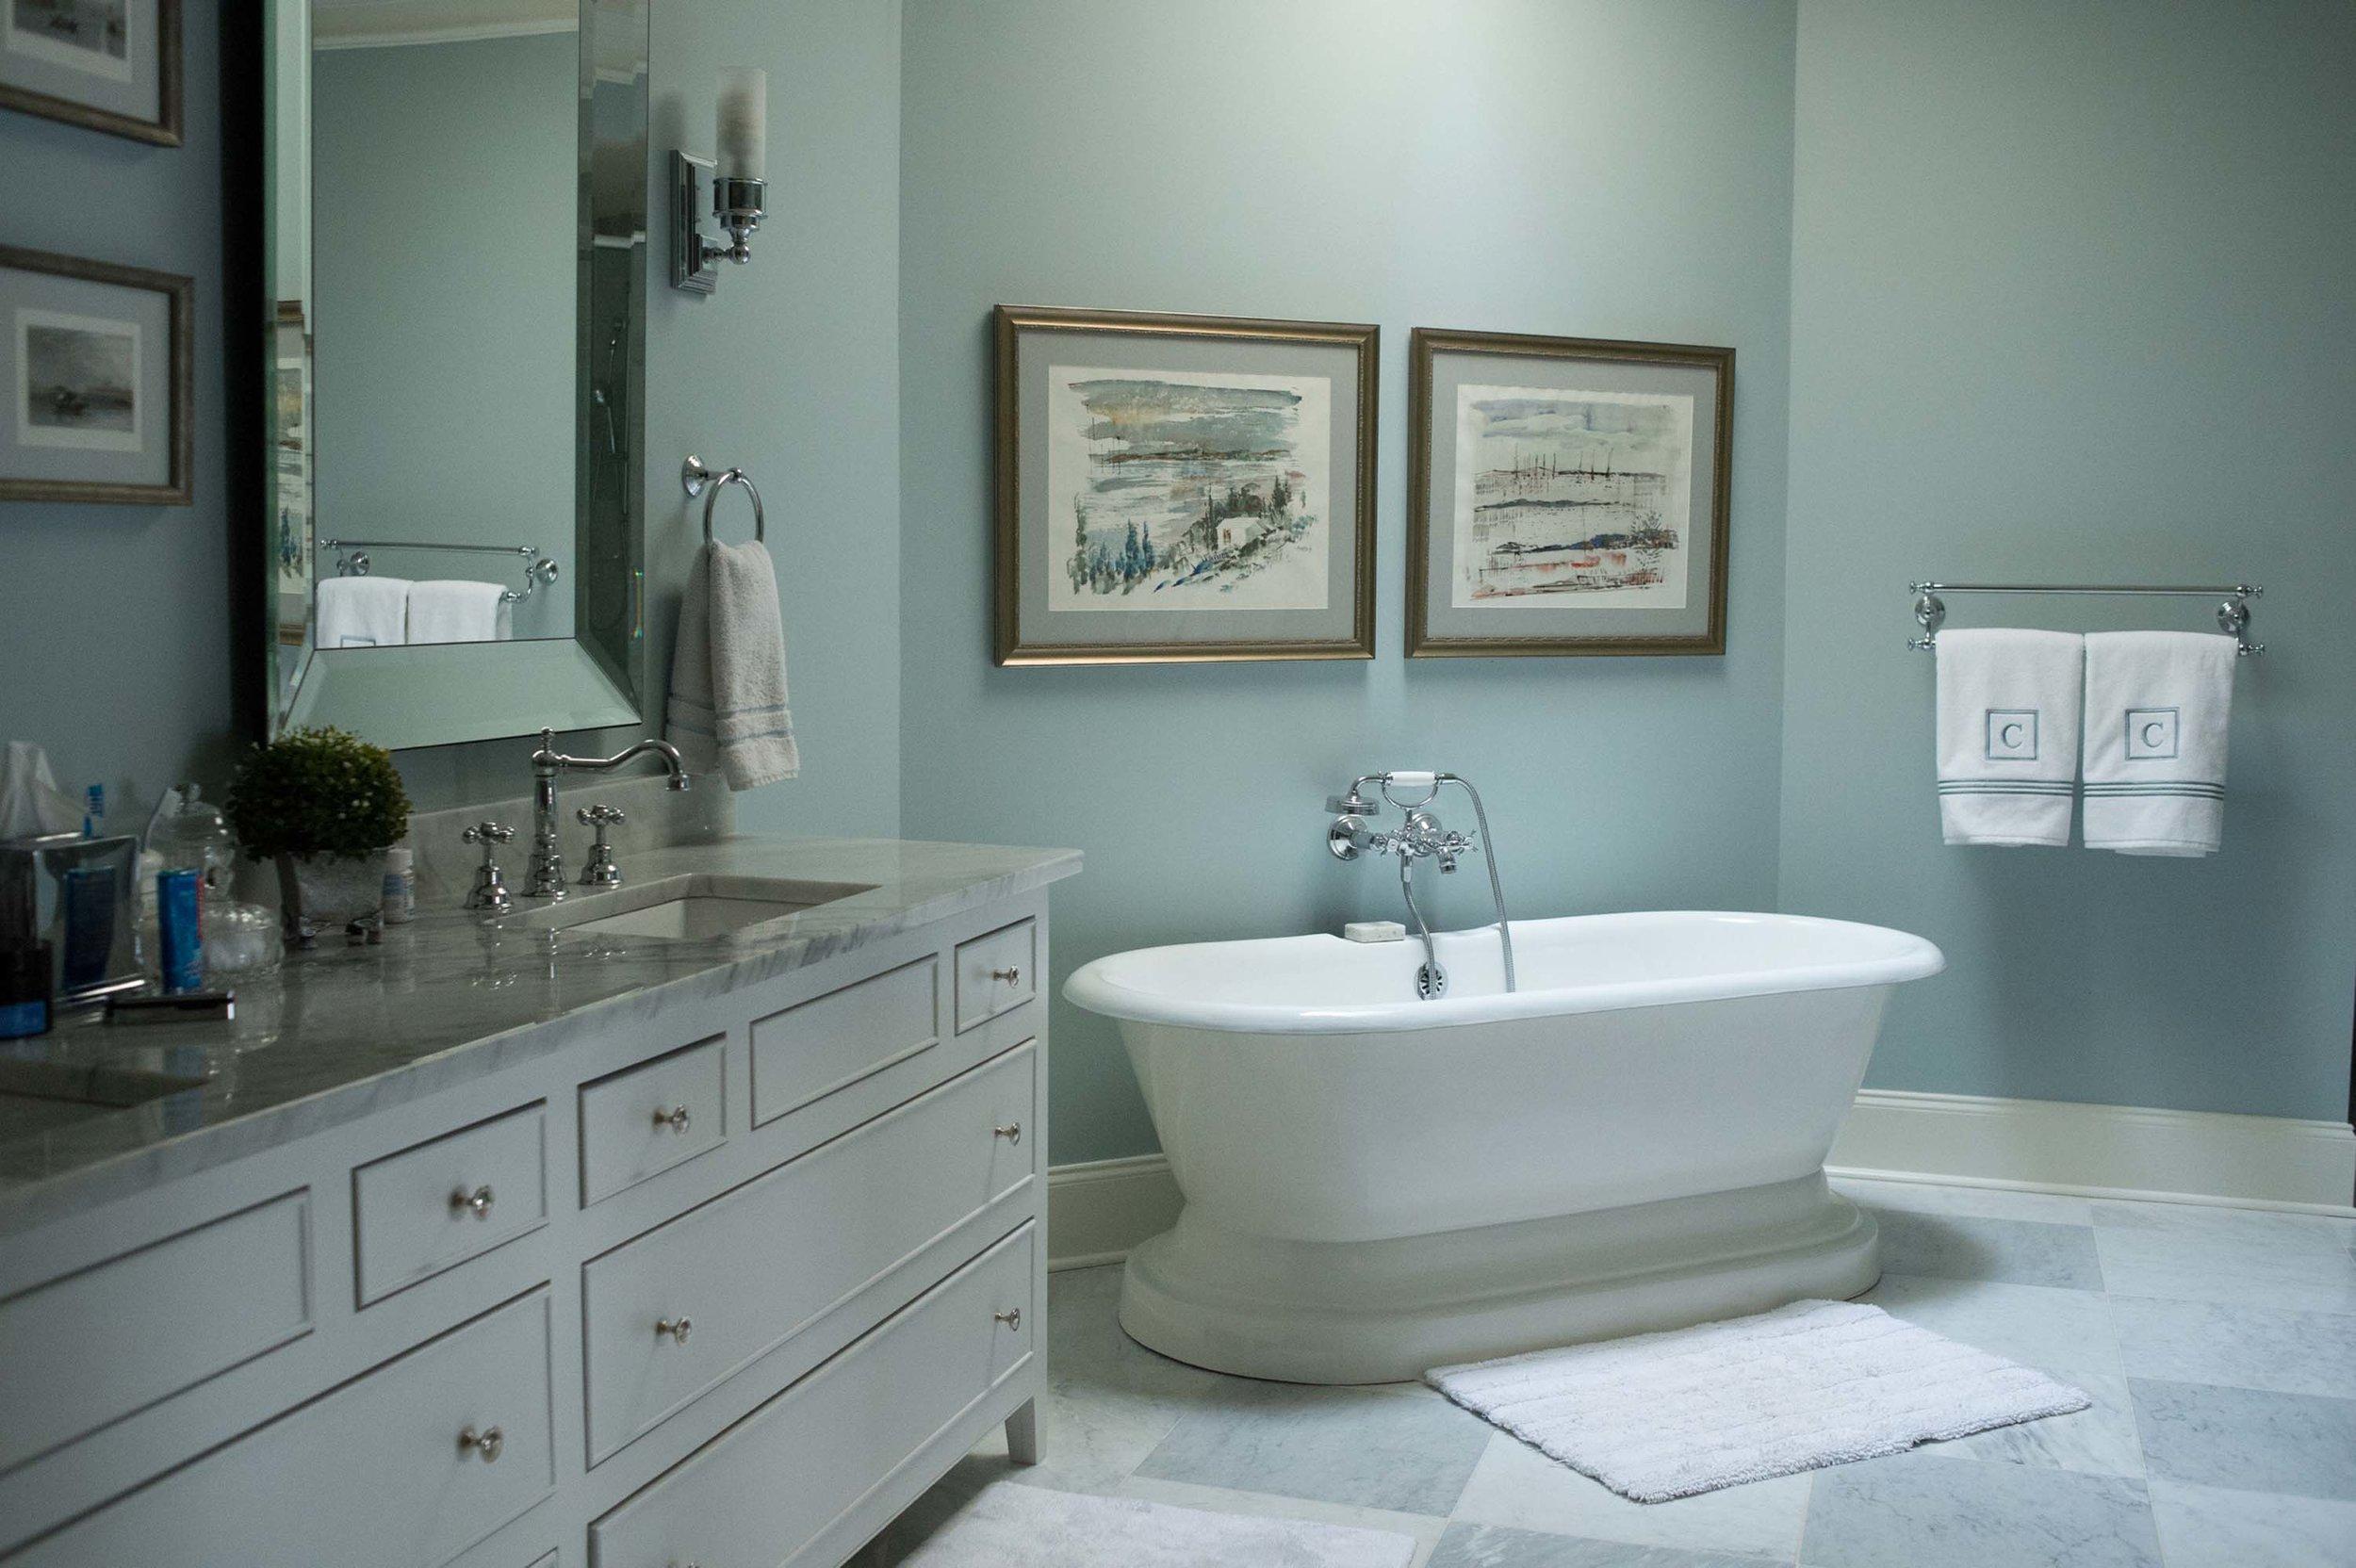 Master Bathroom with Large Tub, Artwork & Tile Floors